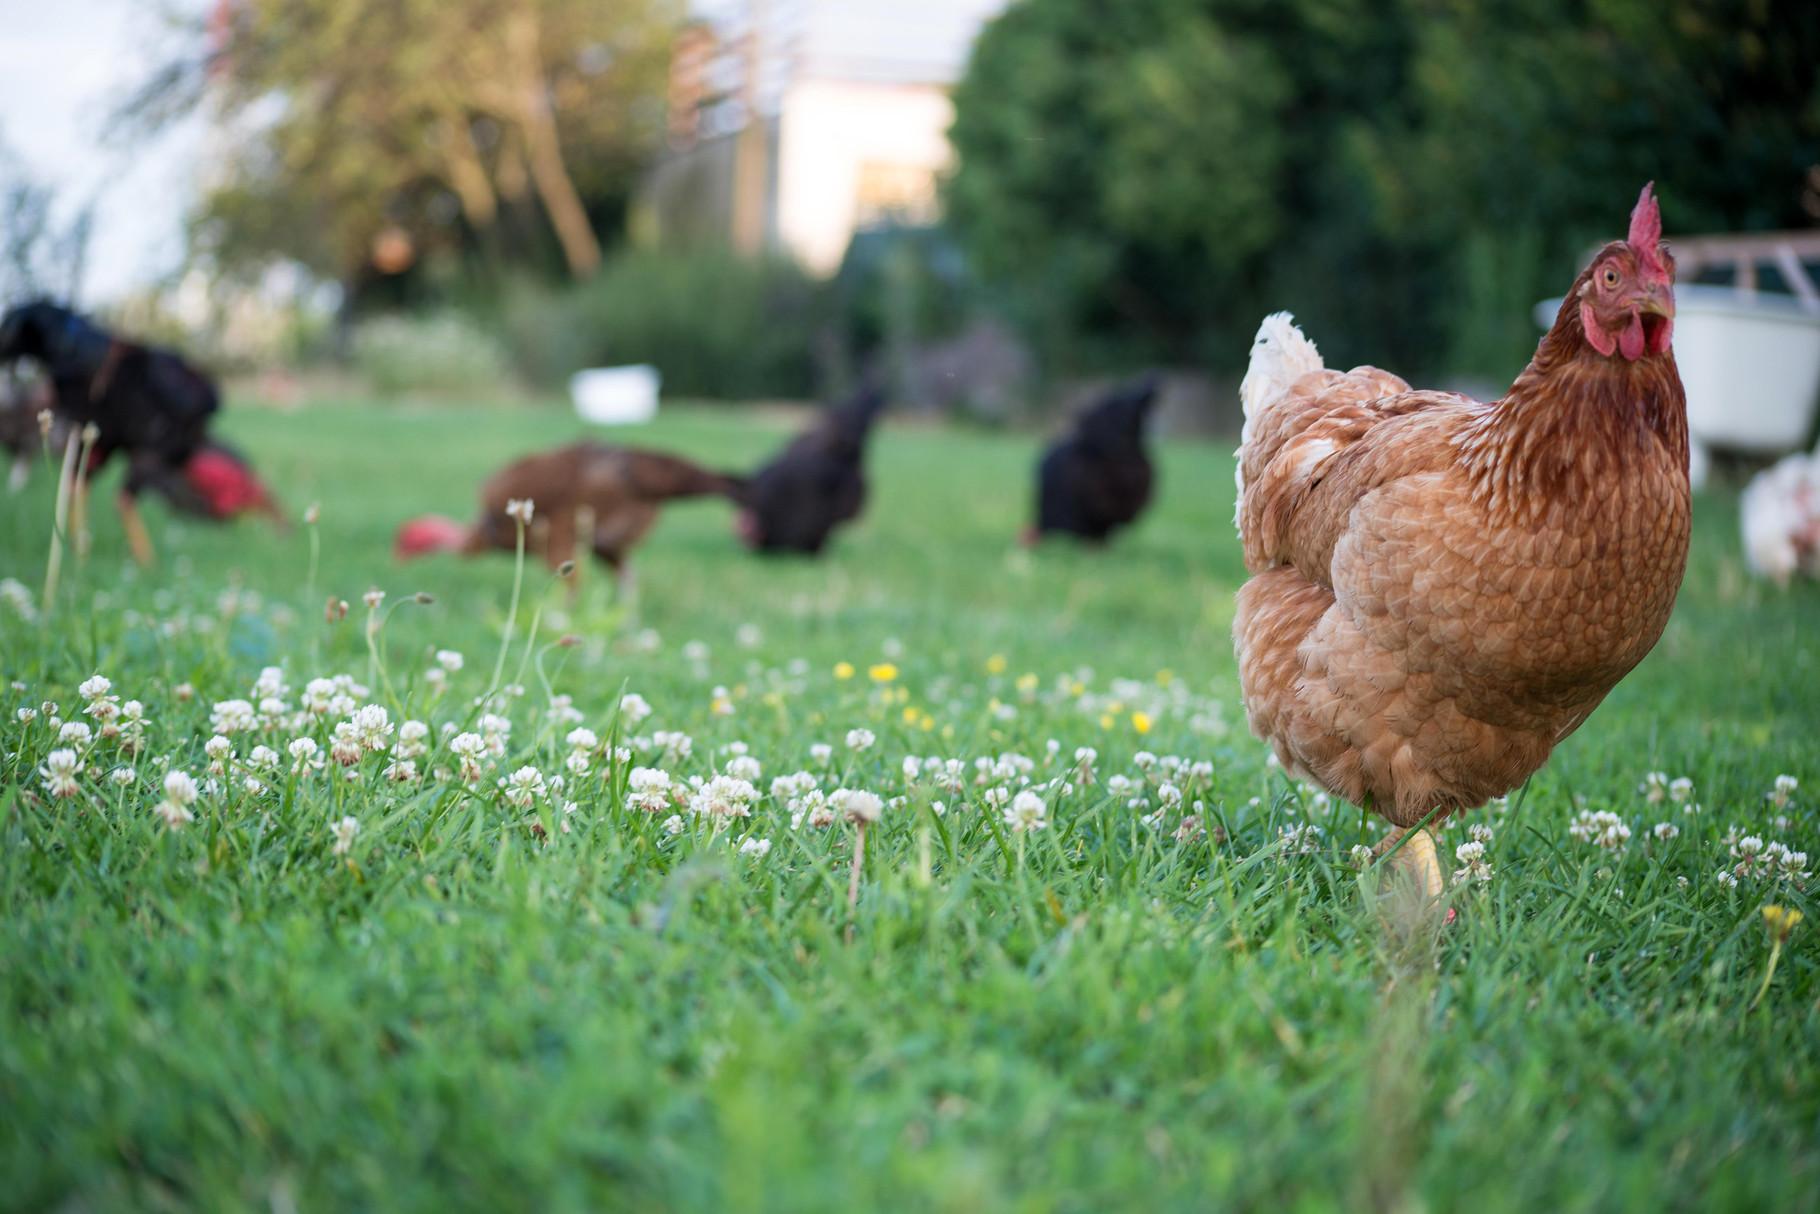 Du träumst immer schon von eigenen Hühnern?